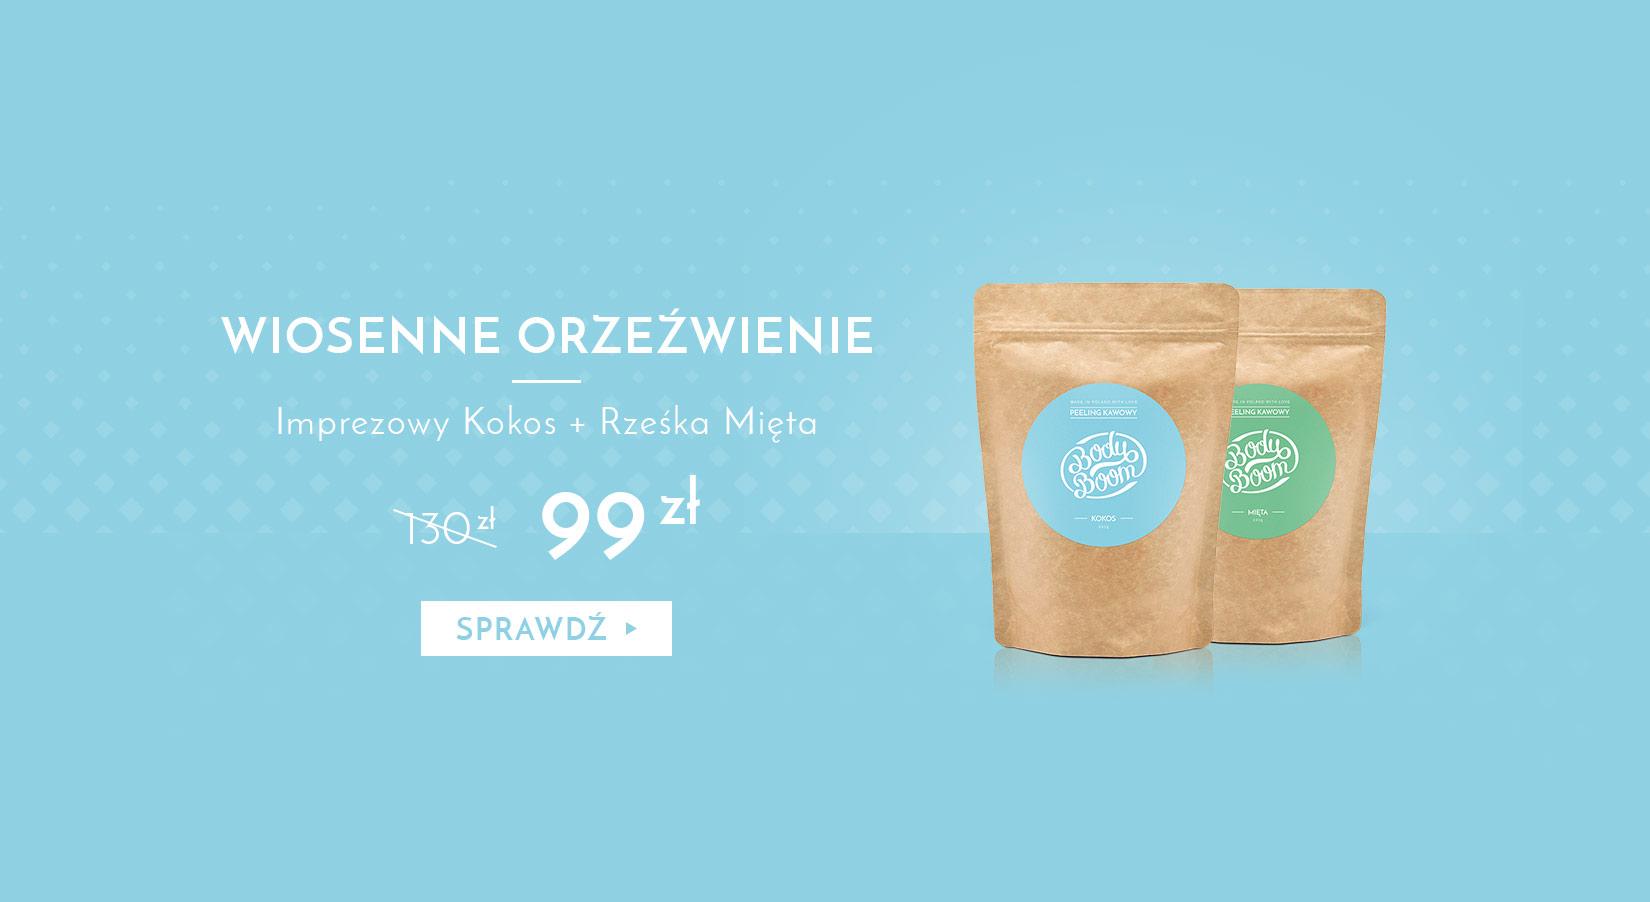 WIOSENNE ORZEŹWIENIE - Imprezowy Kokos + Rześka Mięta